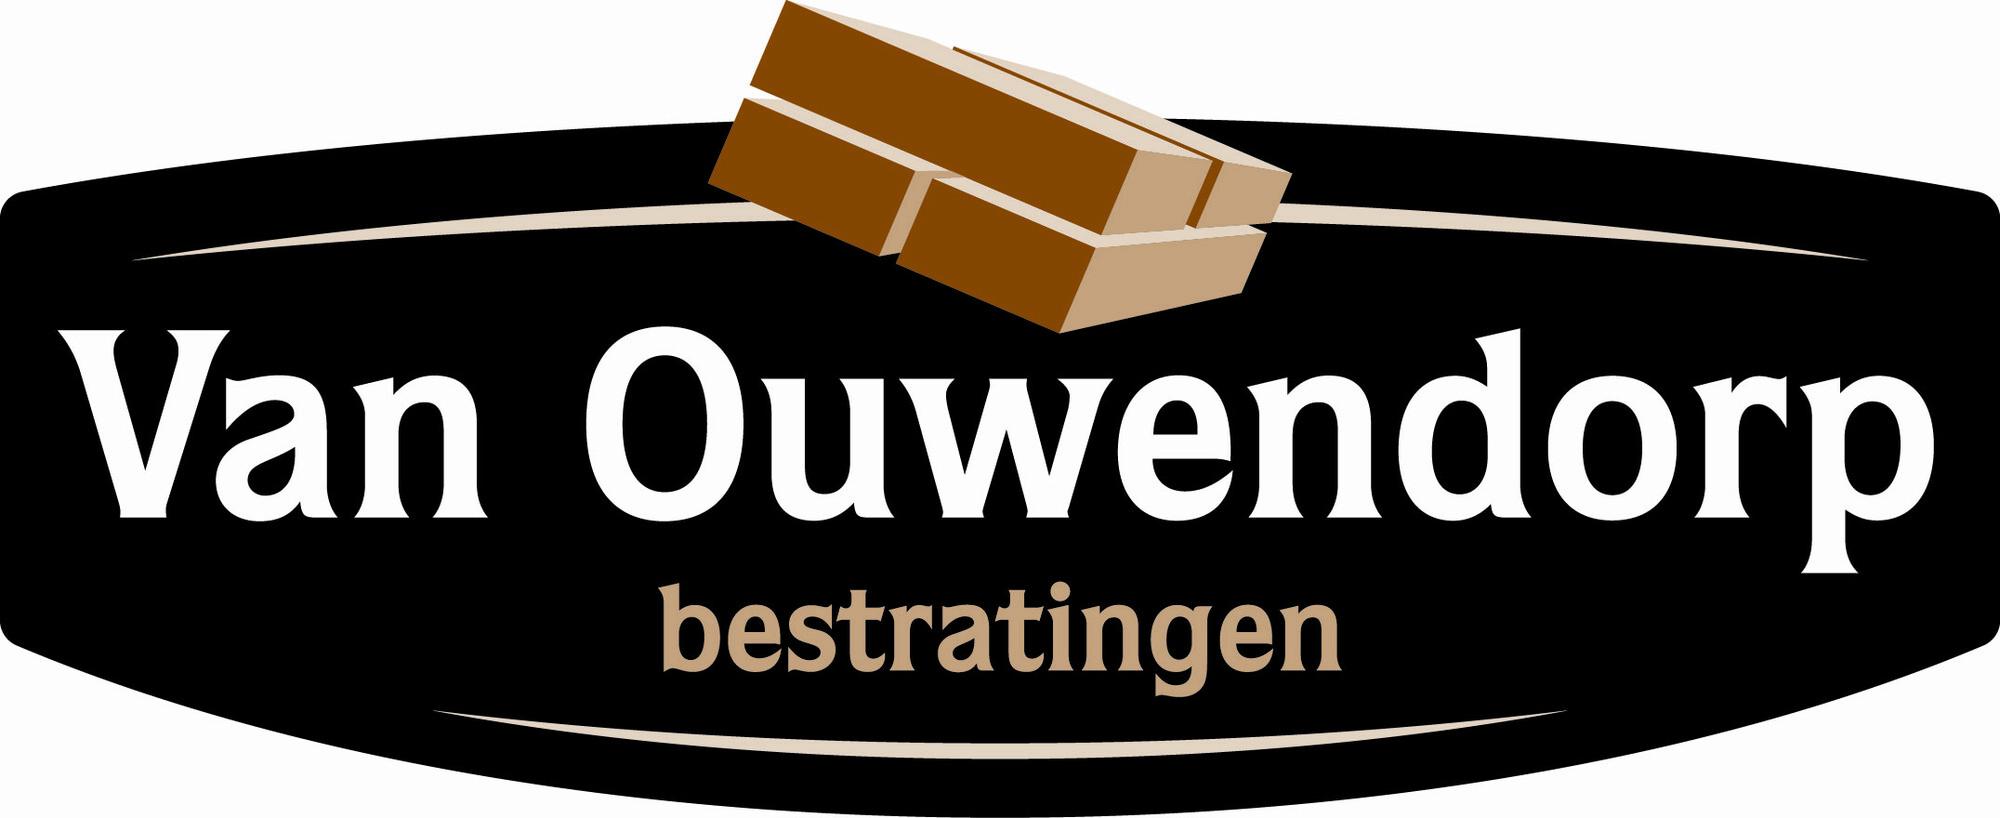 Van Ouwendorp bestratingen